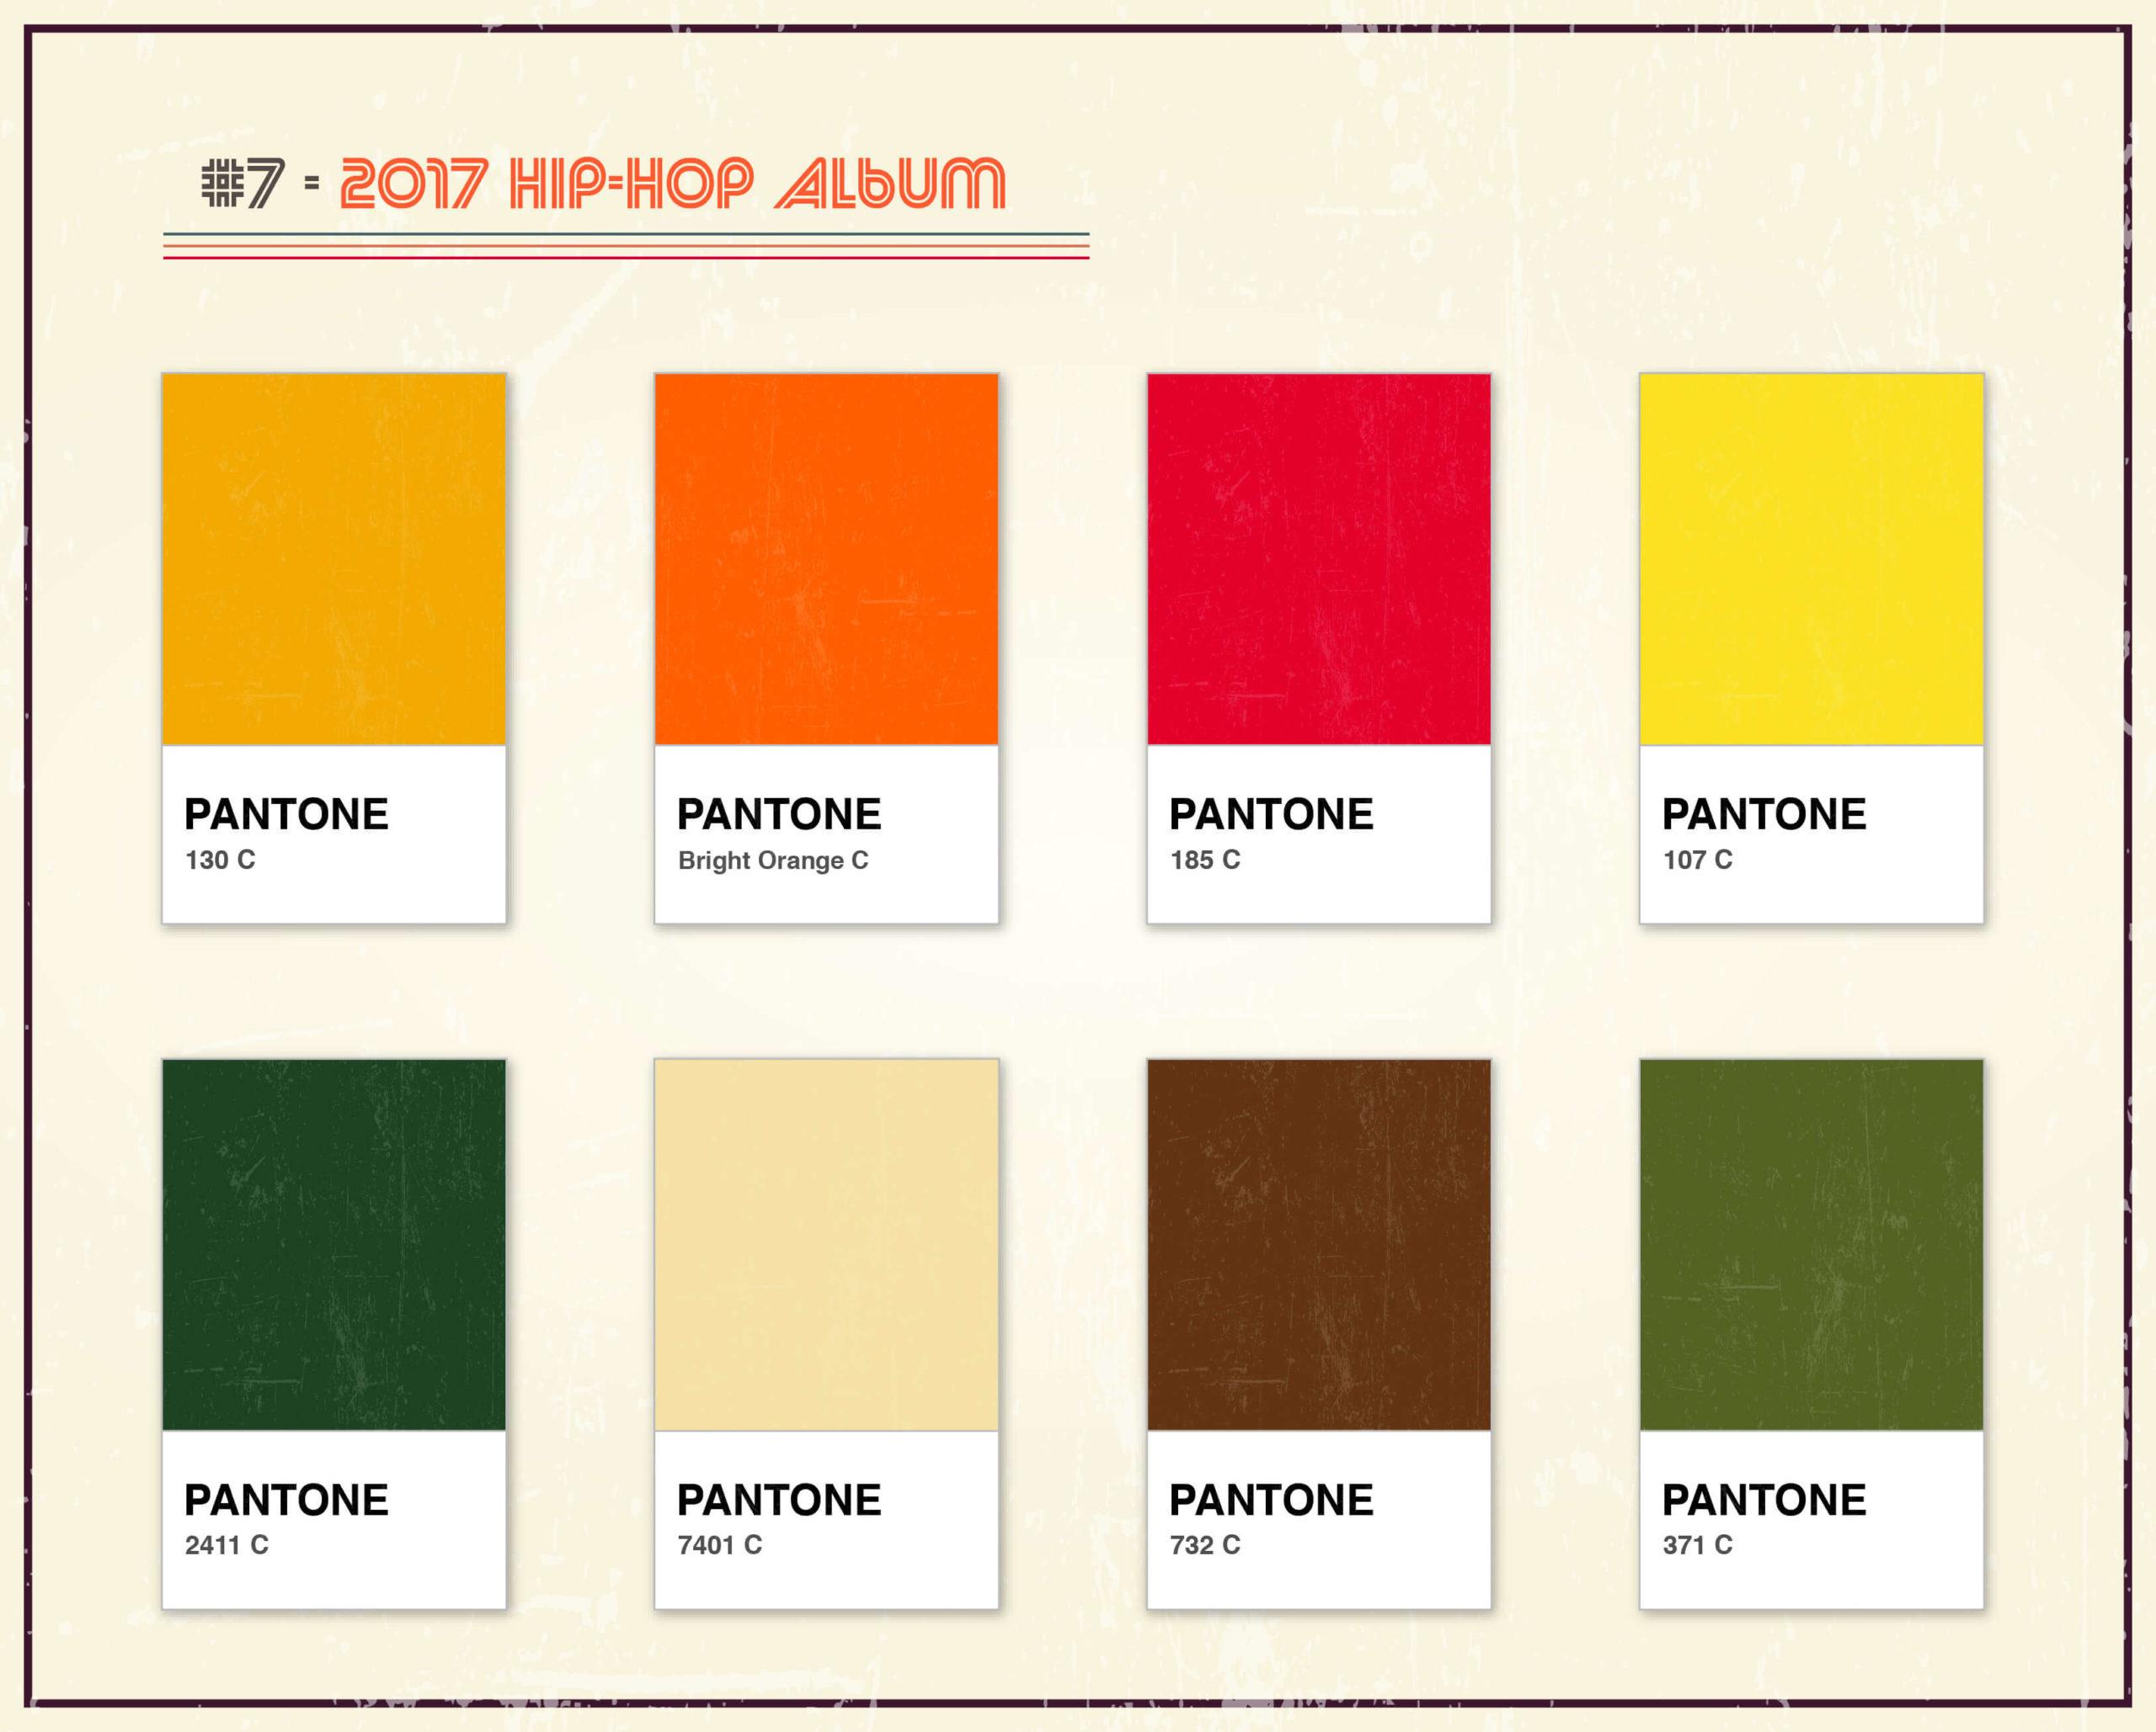 Album Artwork As Pantone: Famous Album Covers Without Text Quiz_7